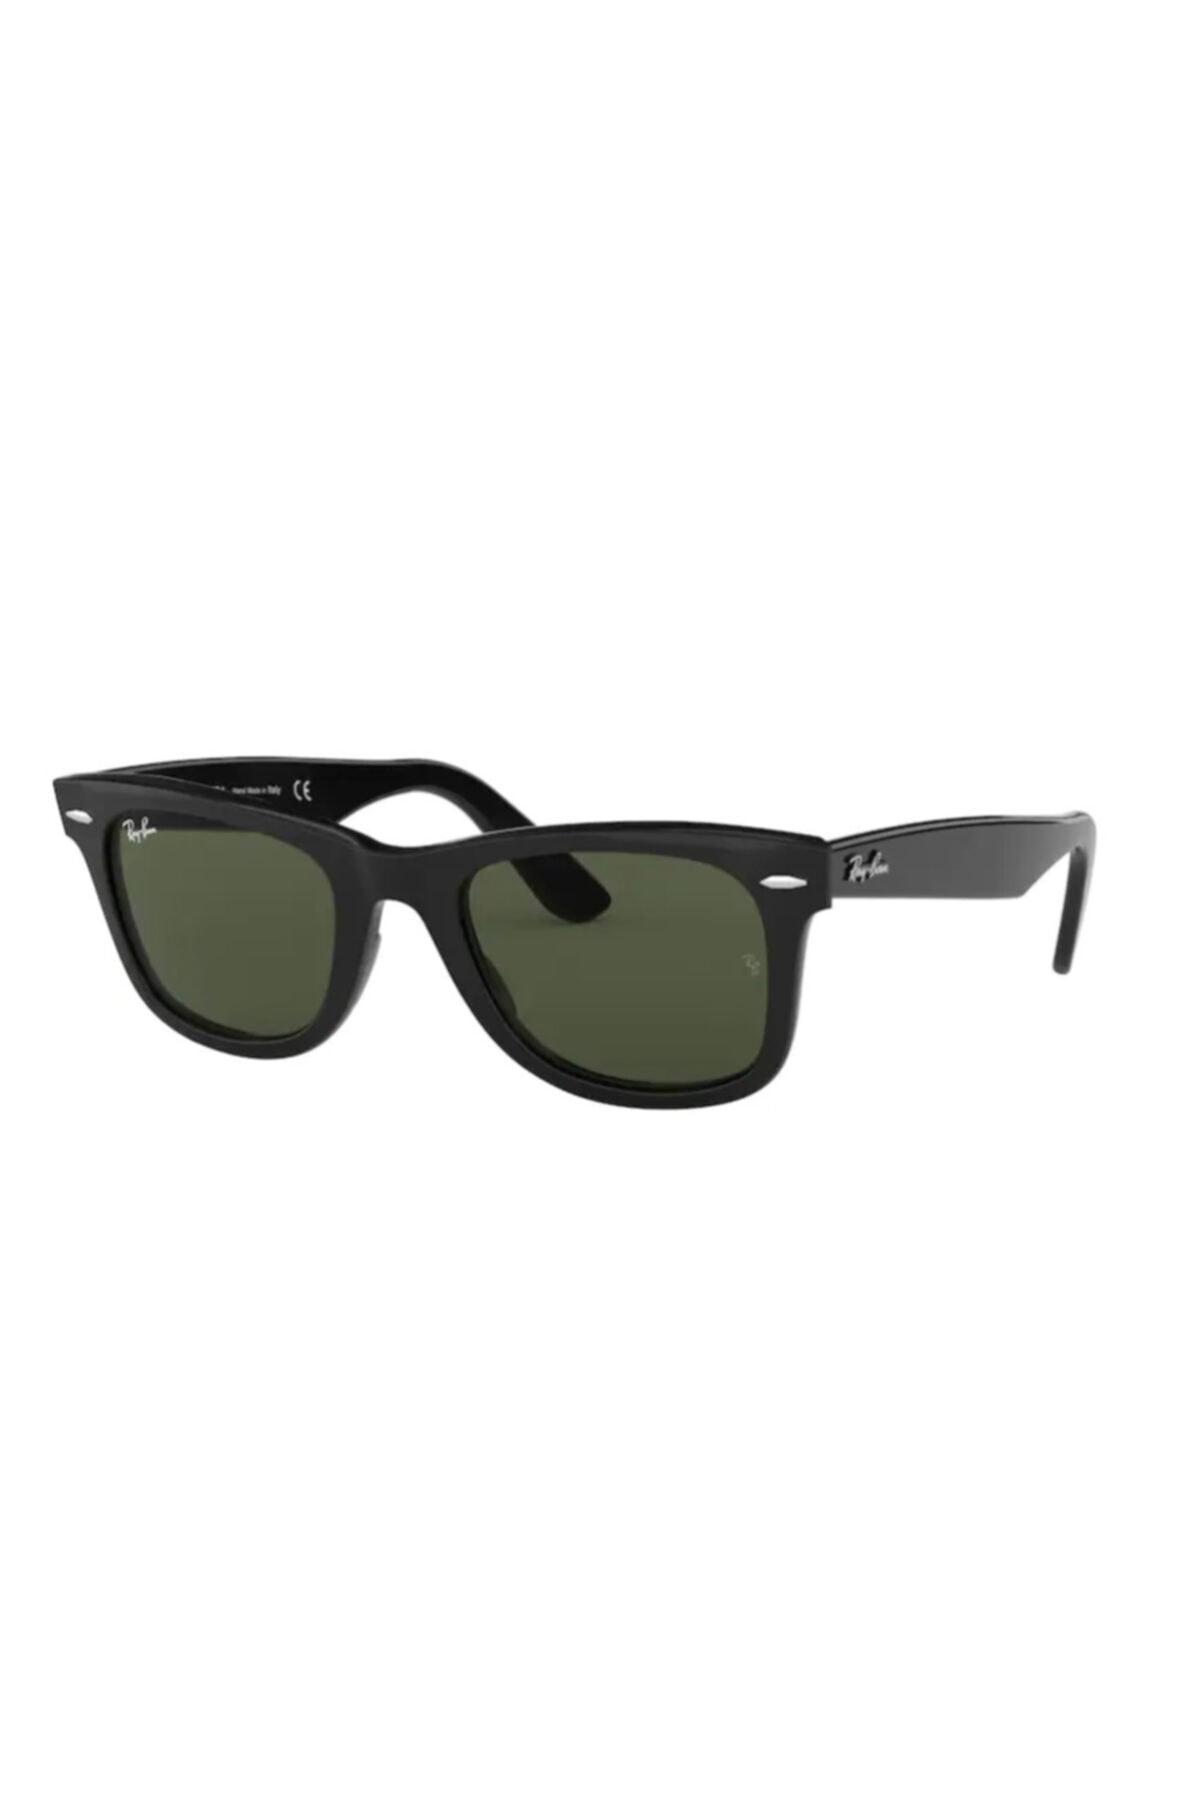 خرید عینک آفتابی  برند ری بن رنگ قهوه ای کد ty98341368